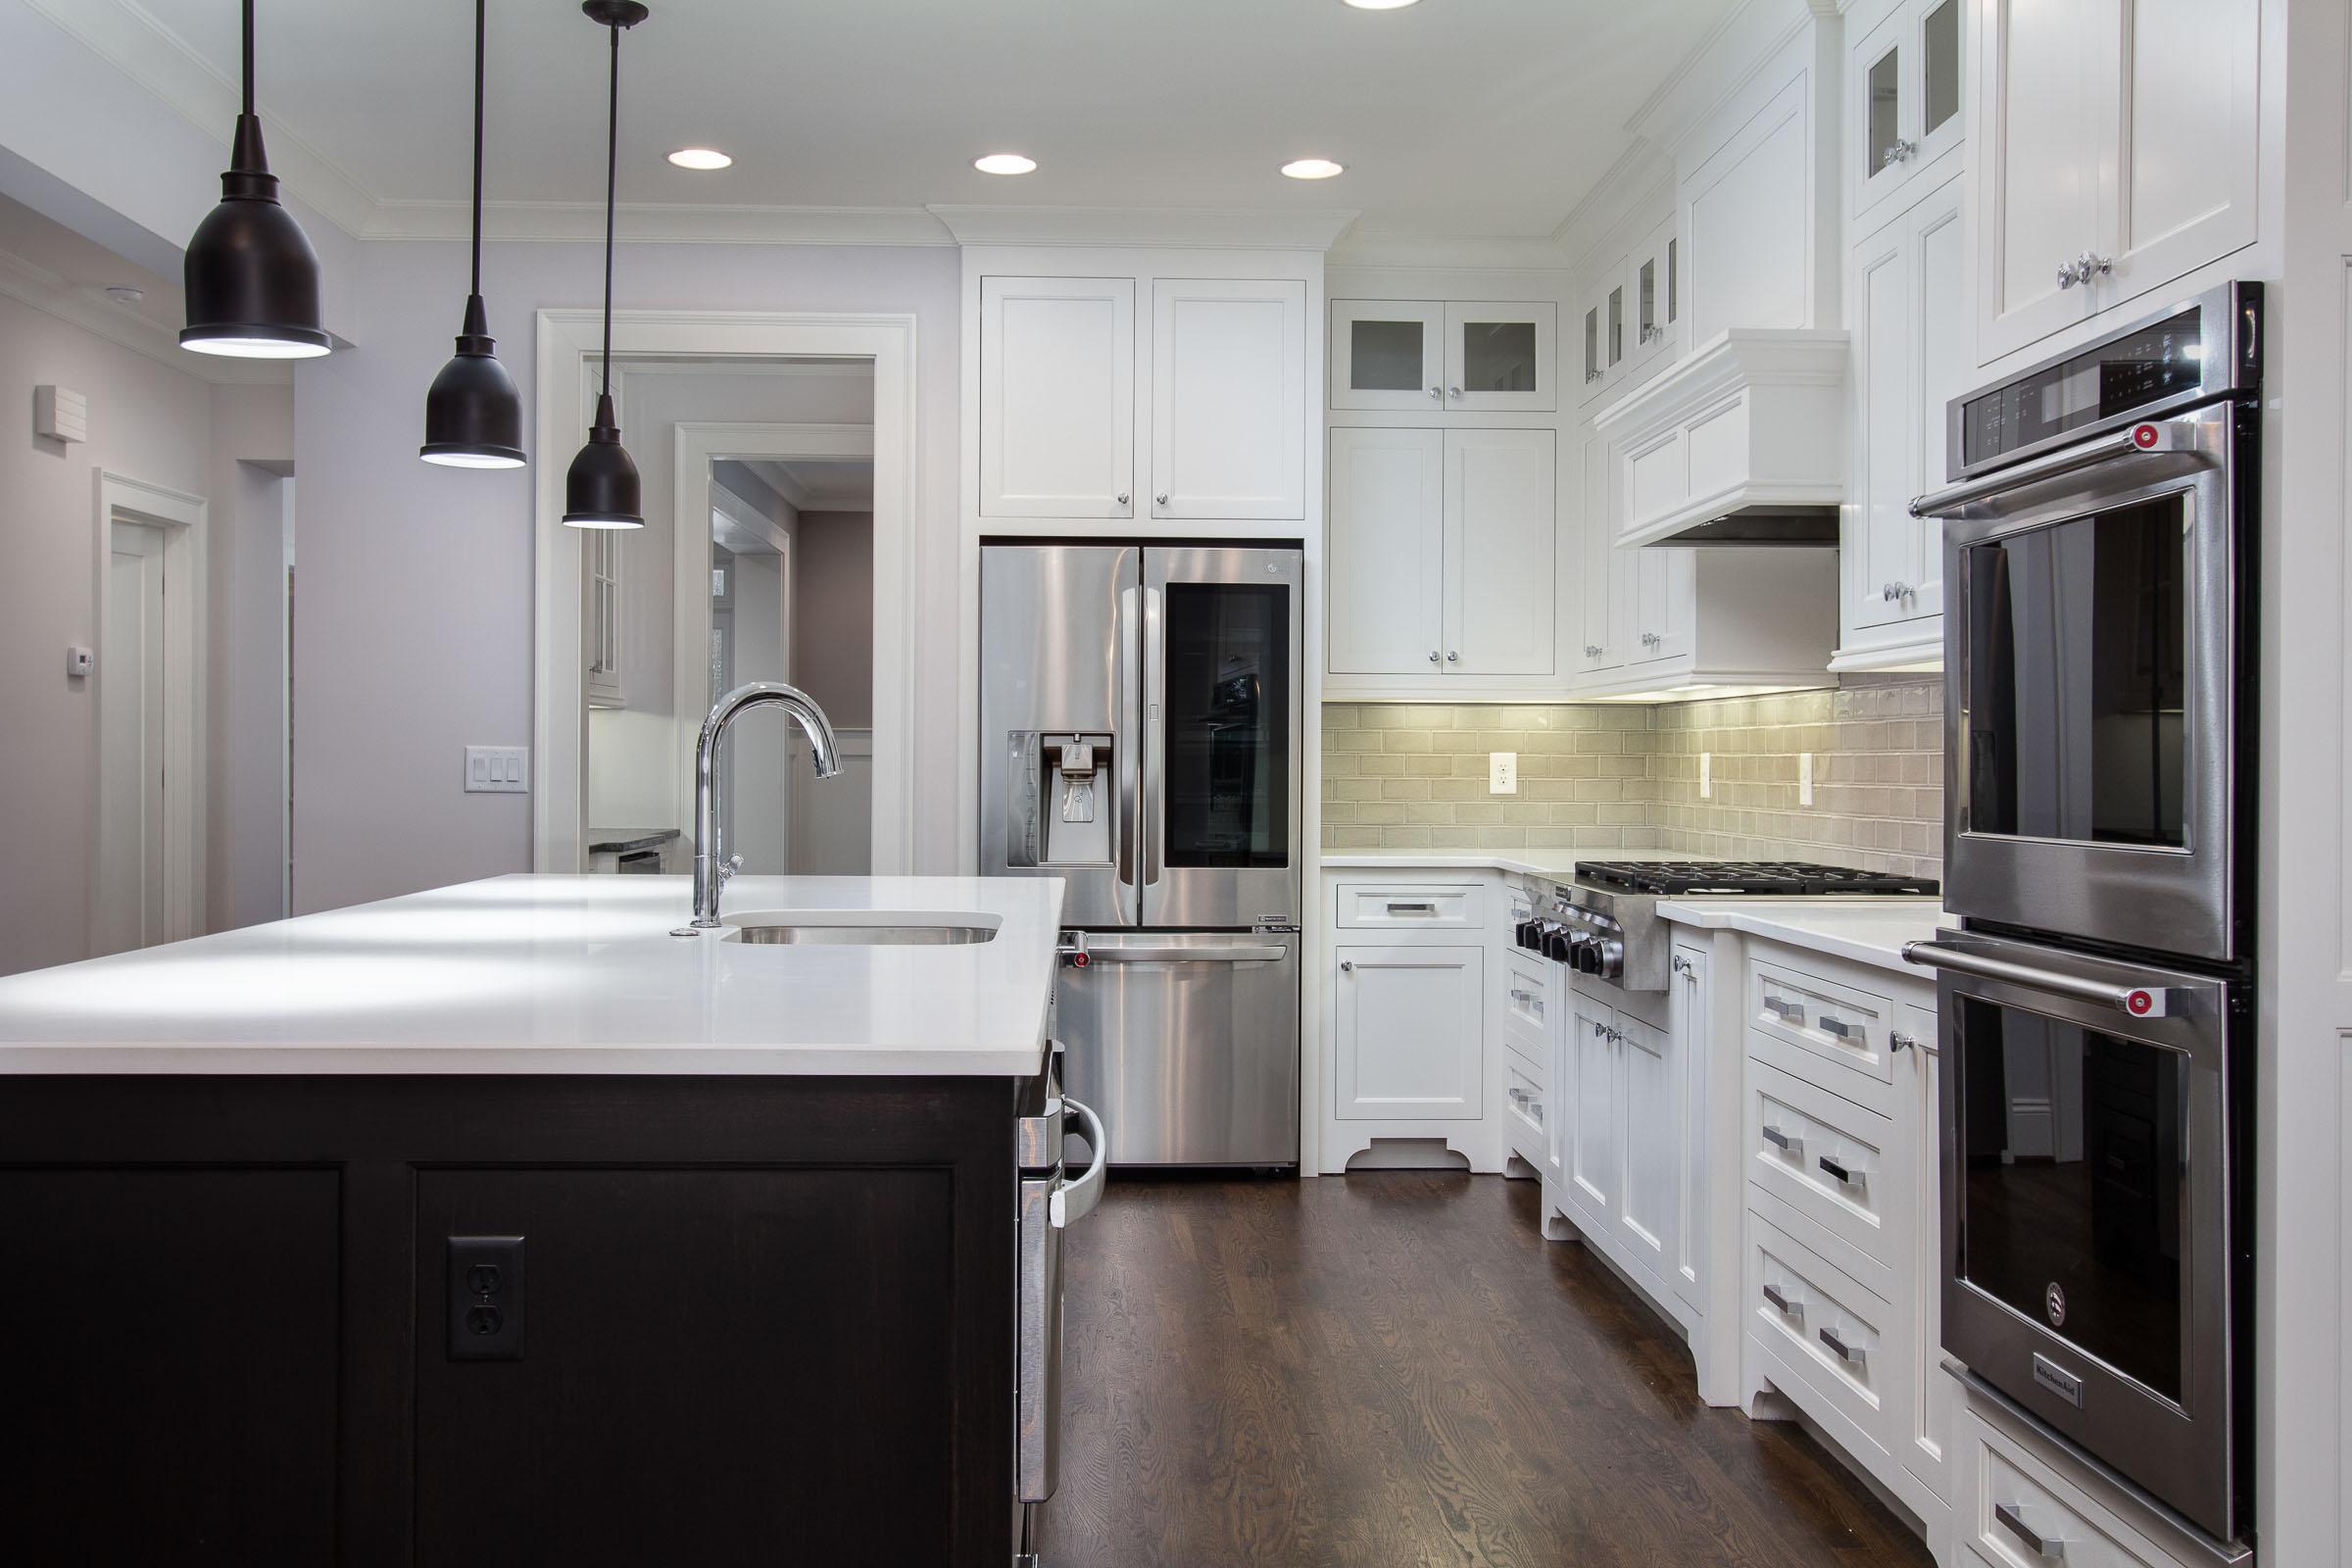 524 Hilldale Dr 30030 - Kitchen2.jpg